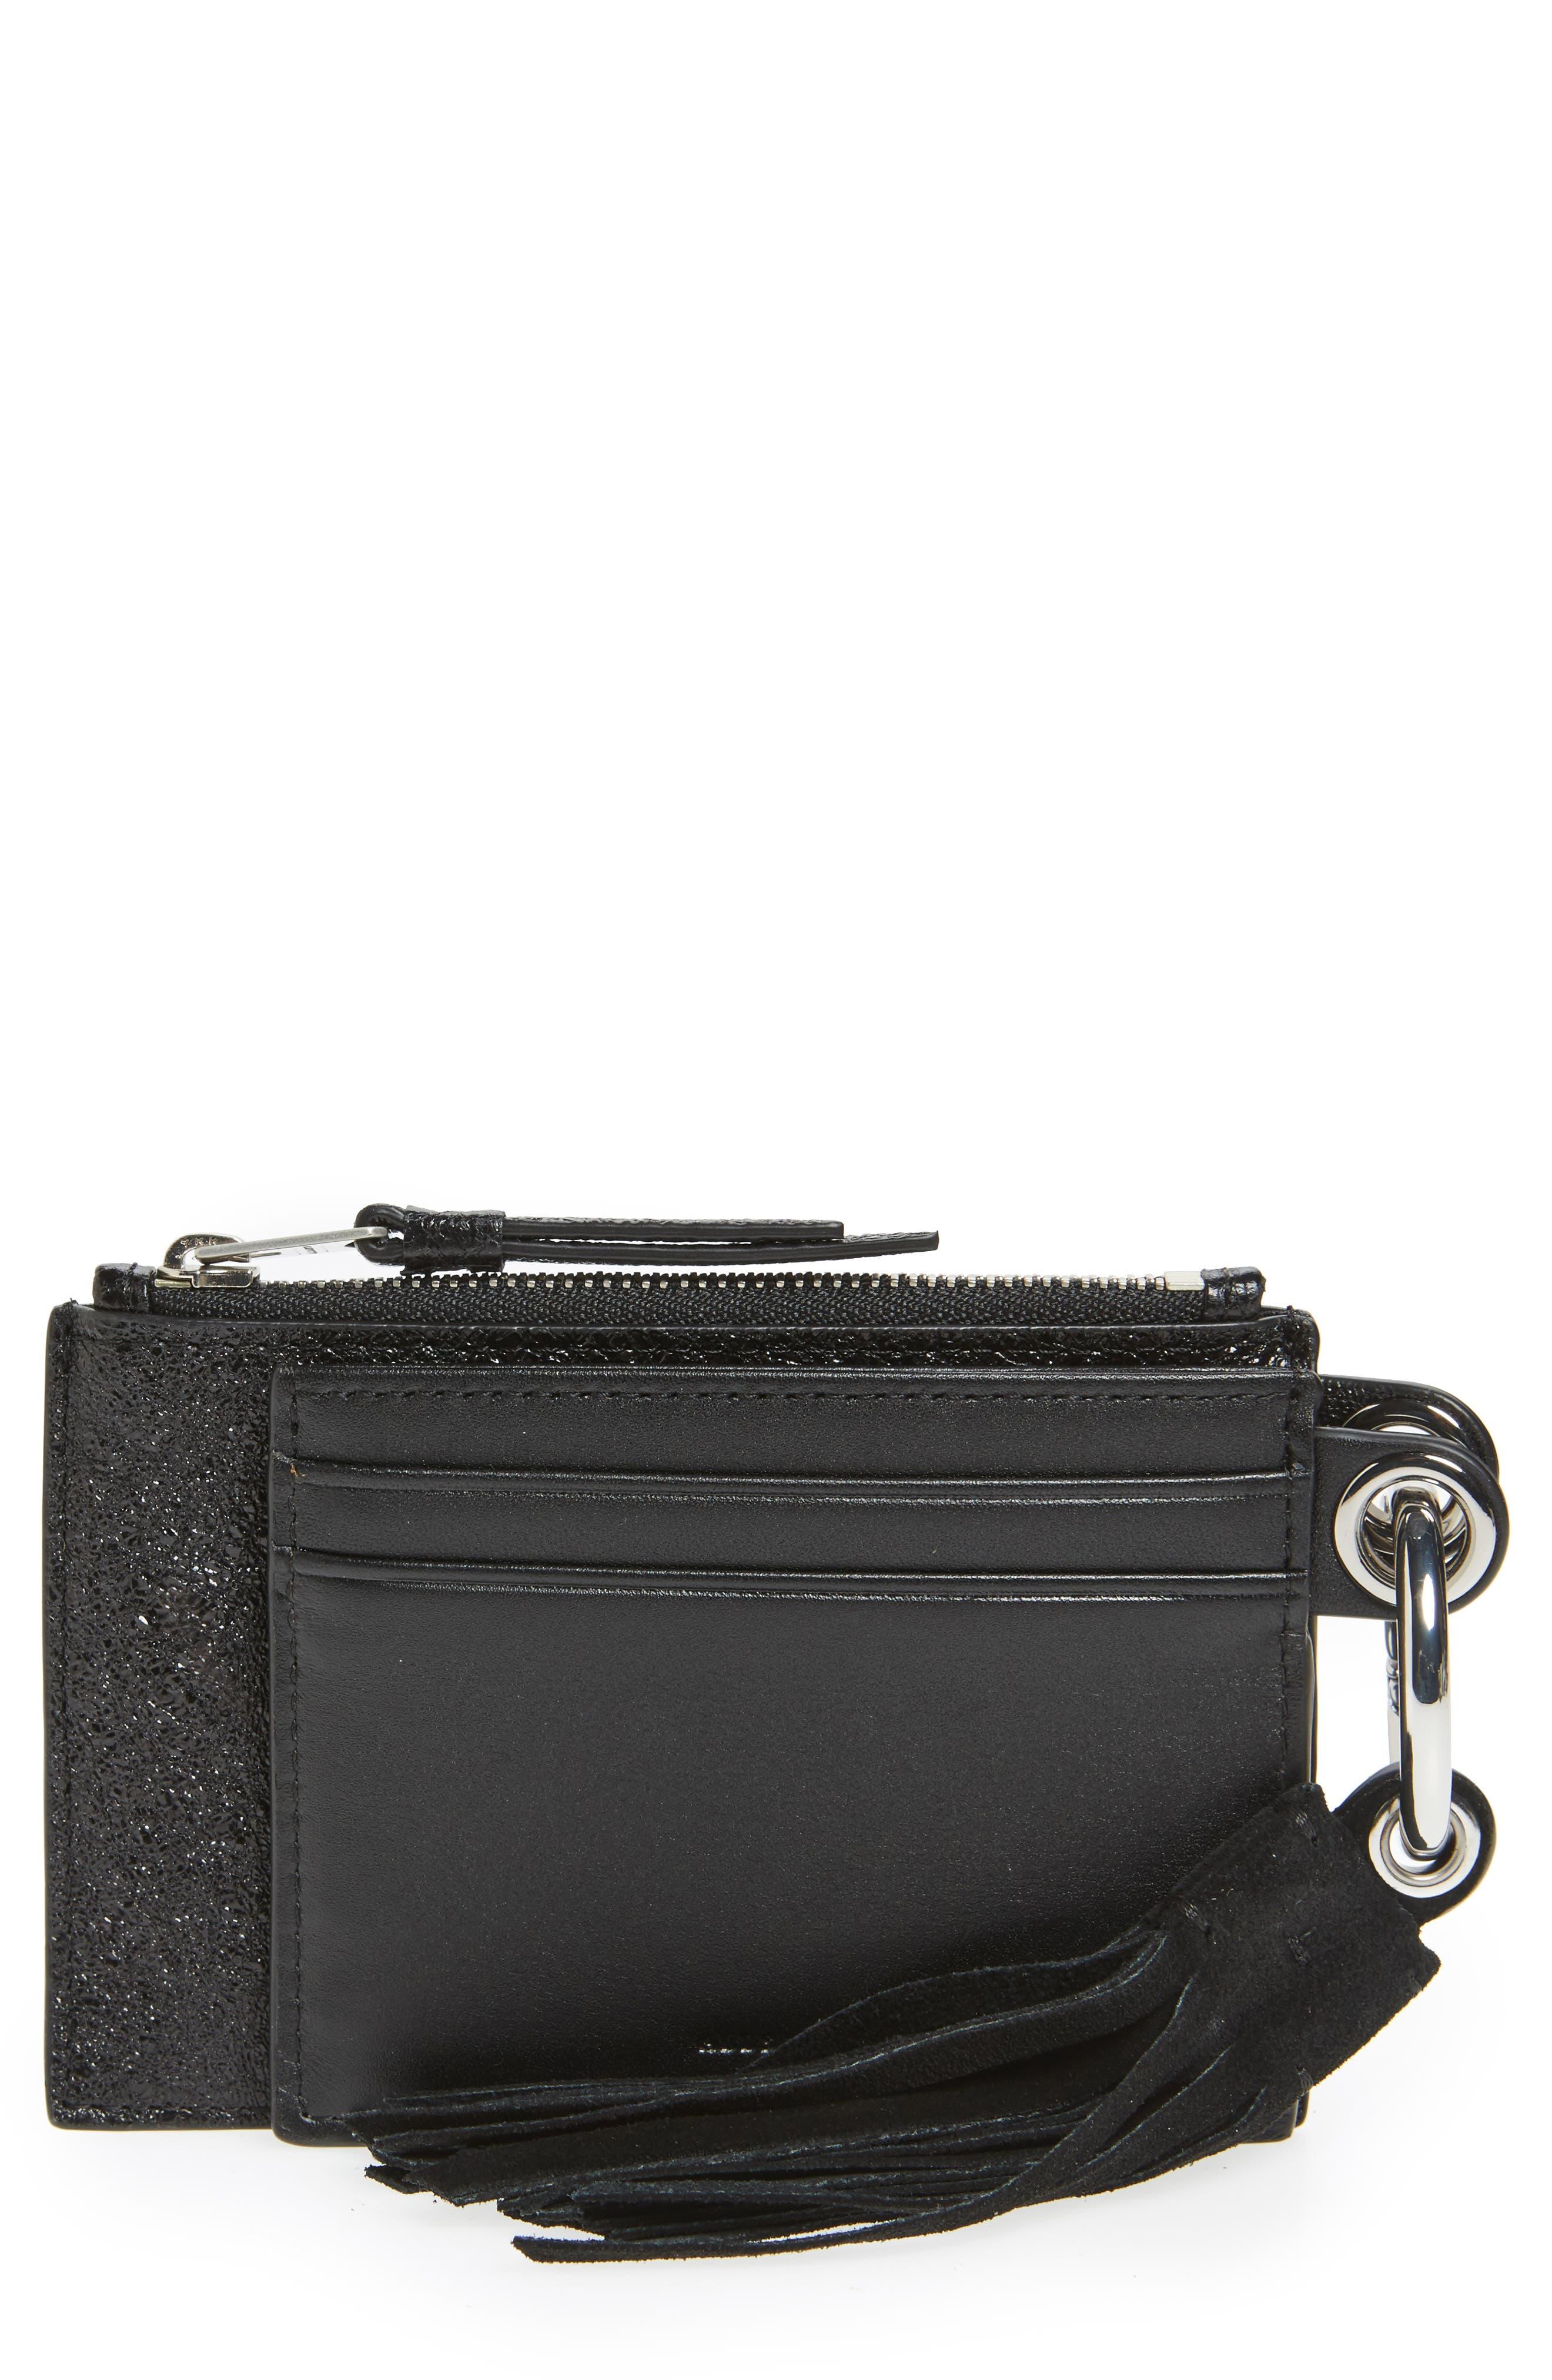 Main Image - ALLSAINTS Dive Key Fob Leather Zip Pouch & Card Case